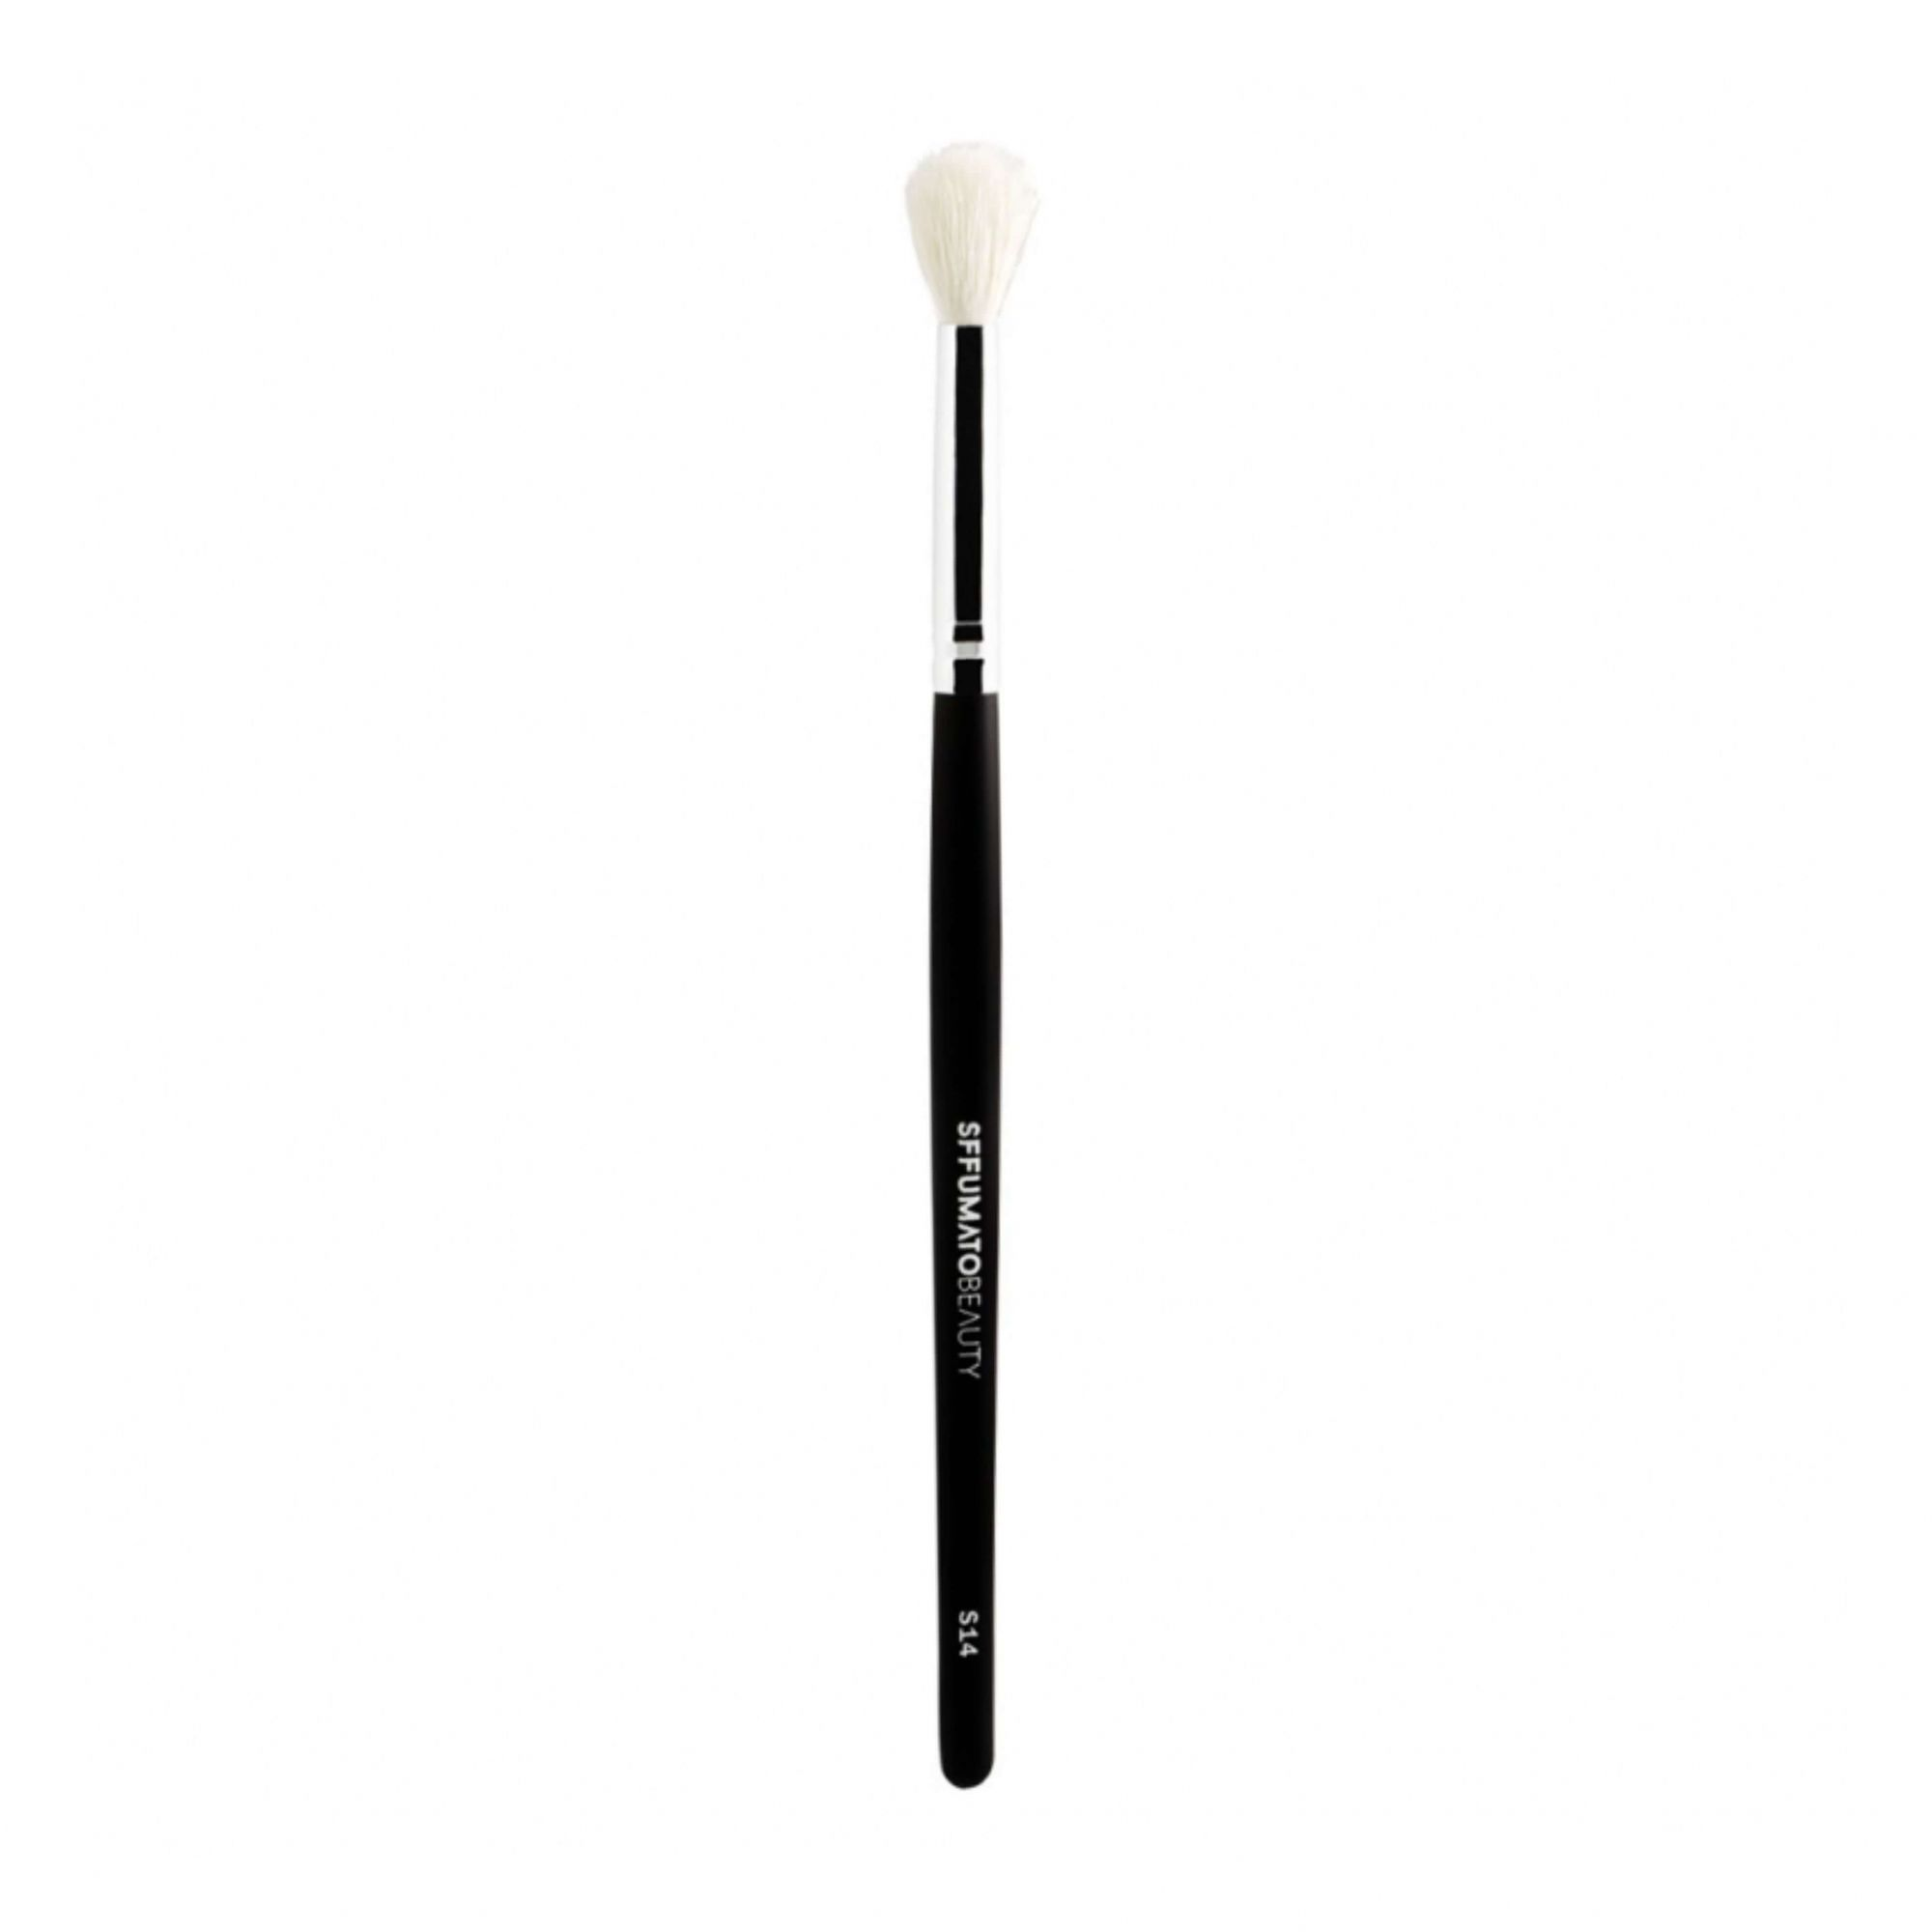 Pincel para Esfumar S14 Sffumato Beauty